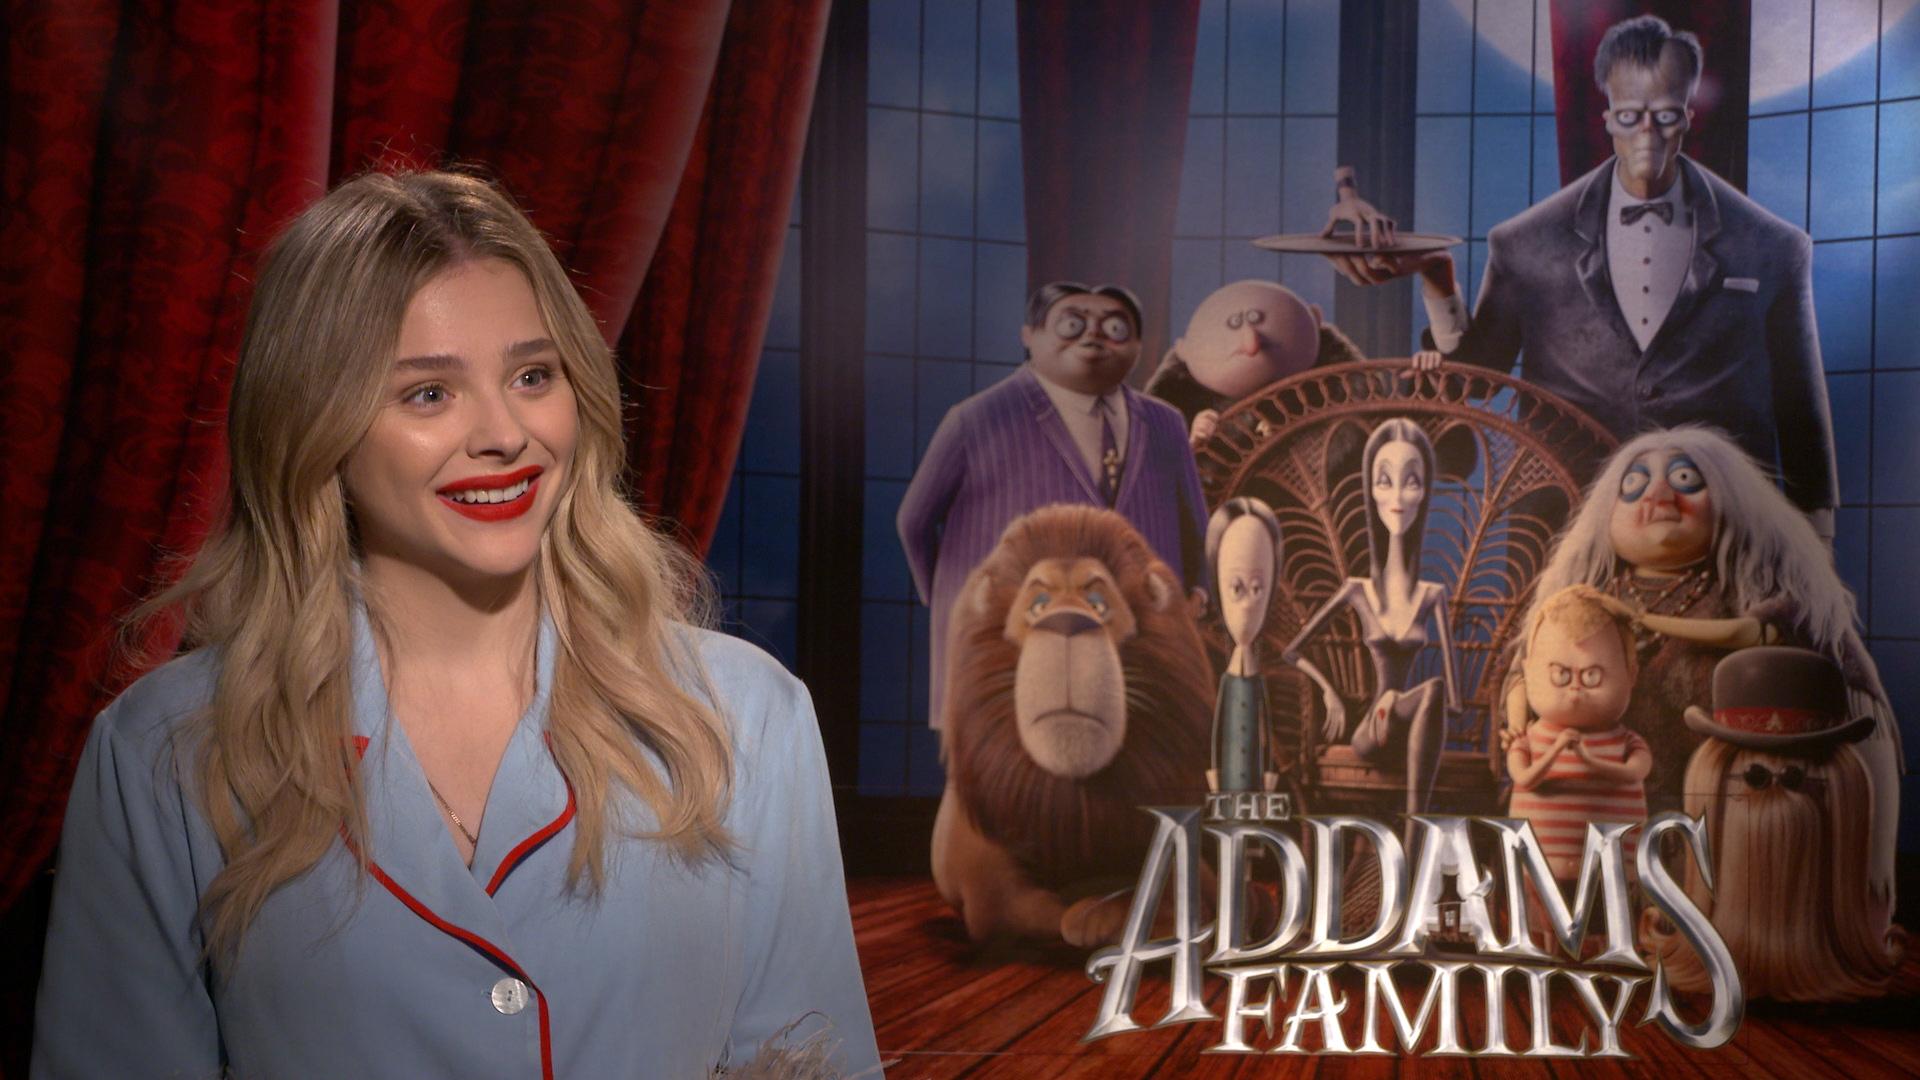 The Addams Family,Chloë Grace Moretz,Gia đình Addams,phim chiếu rạp